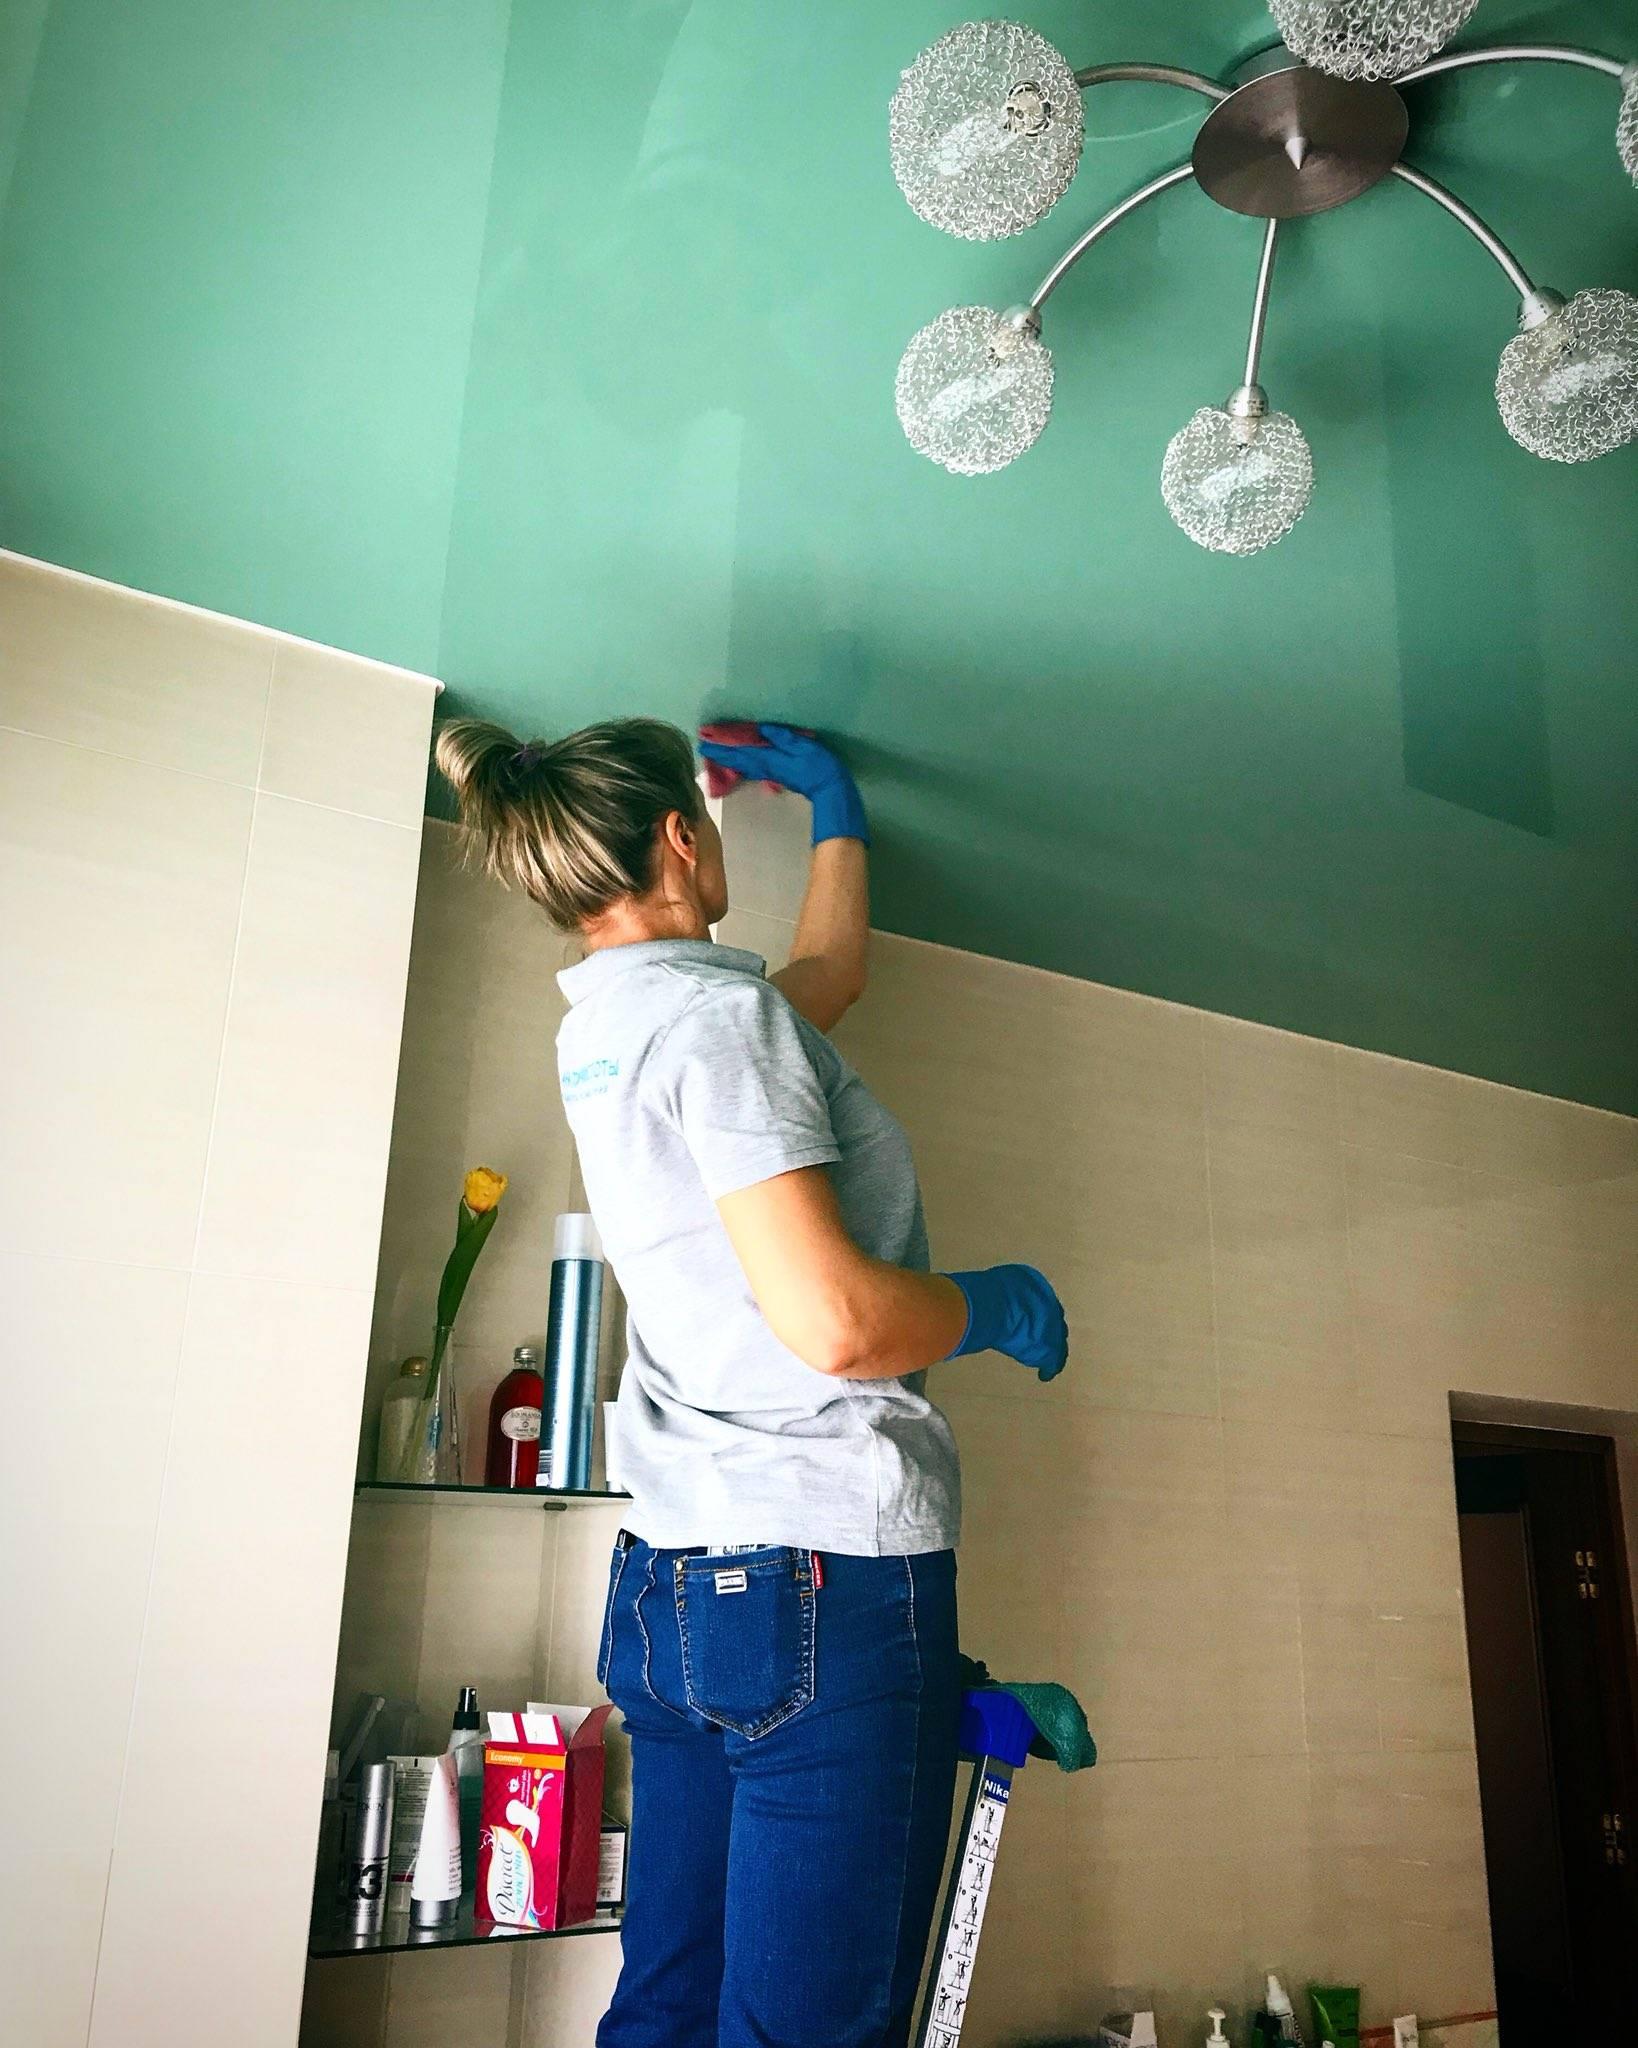 Уход за натяжными потолками: как и чем мыть натяжной потолок, какие средства использовать для чистки?